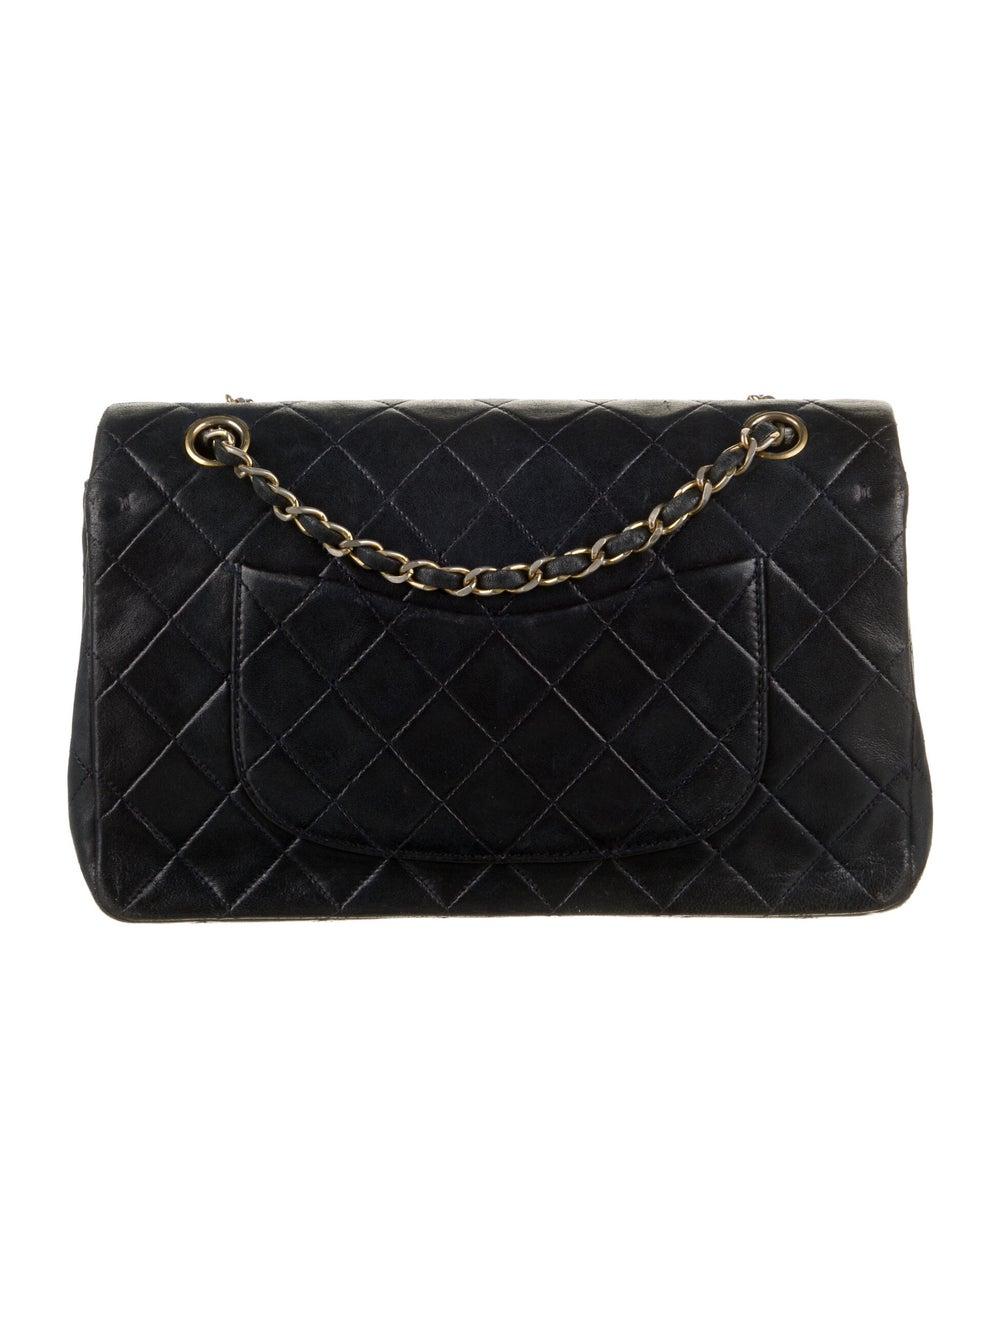 Chanel Vintage Medium Double Flap Bag Blue - image 4